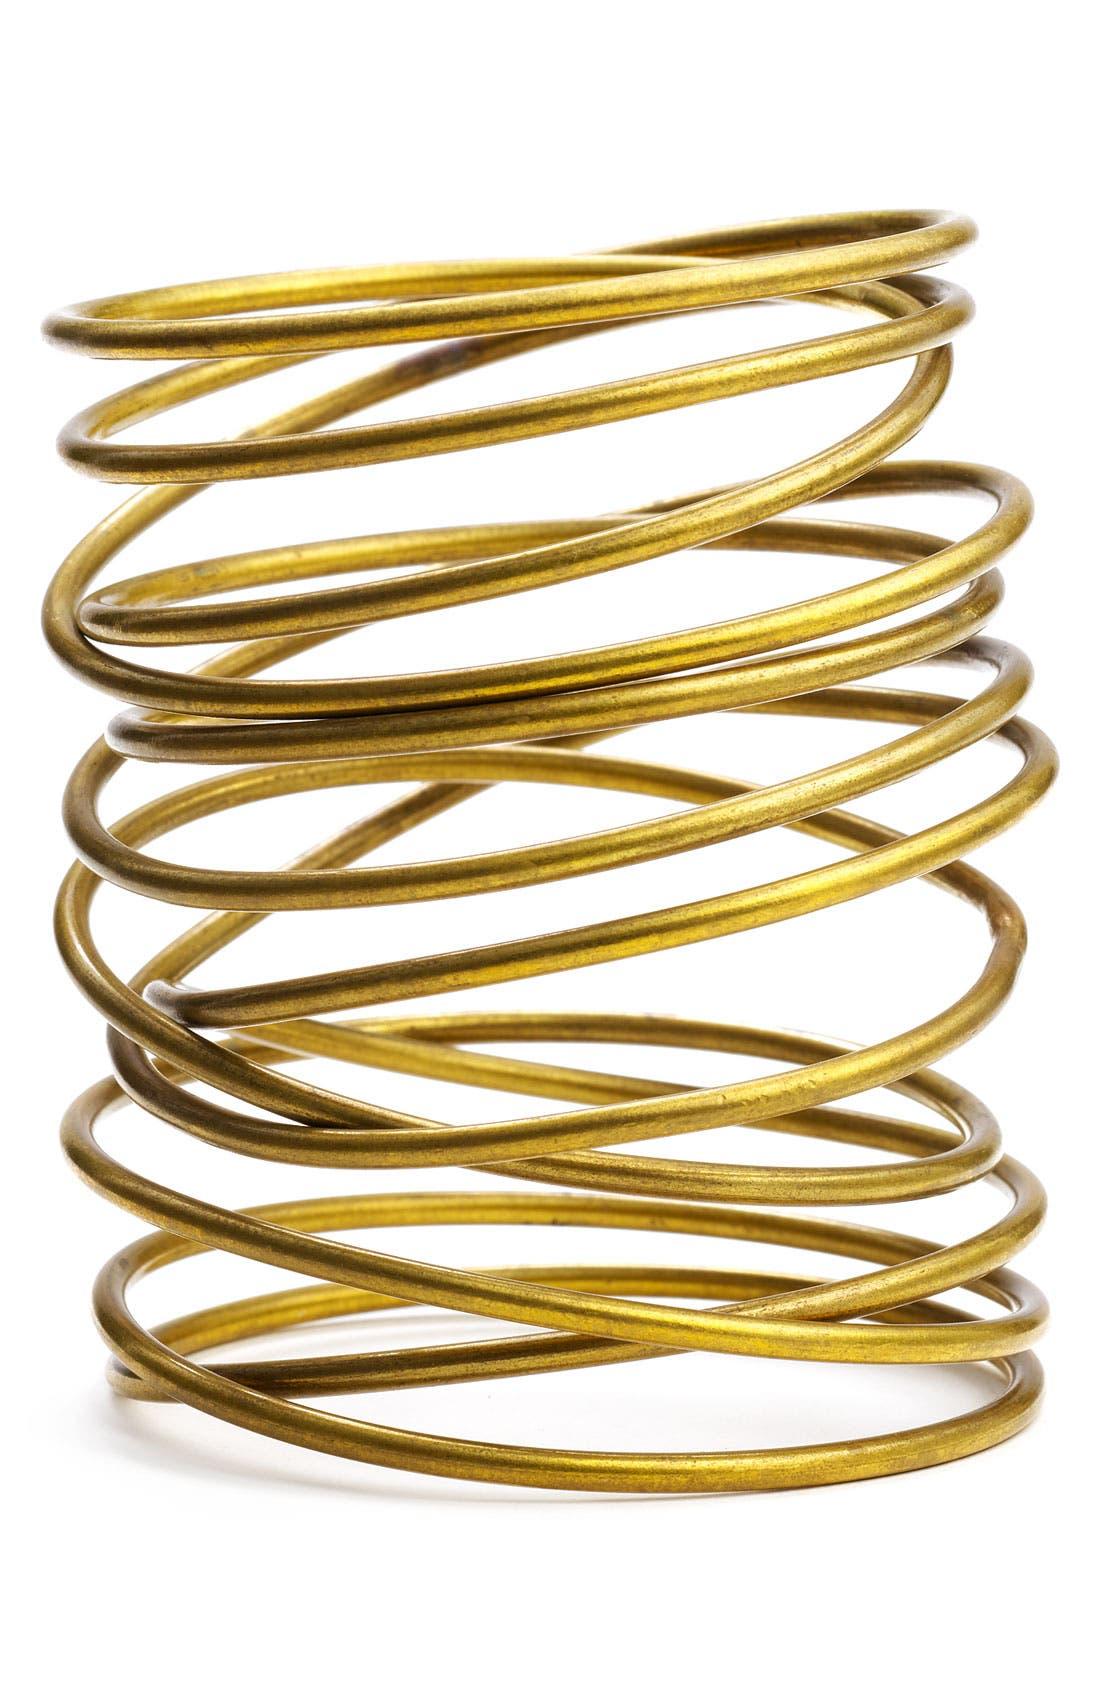 Main Image - Kelly Wearstler Twisted Brass Bracelet